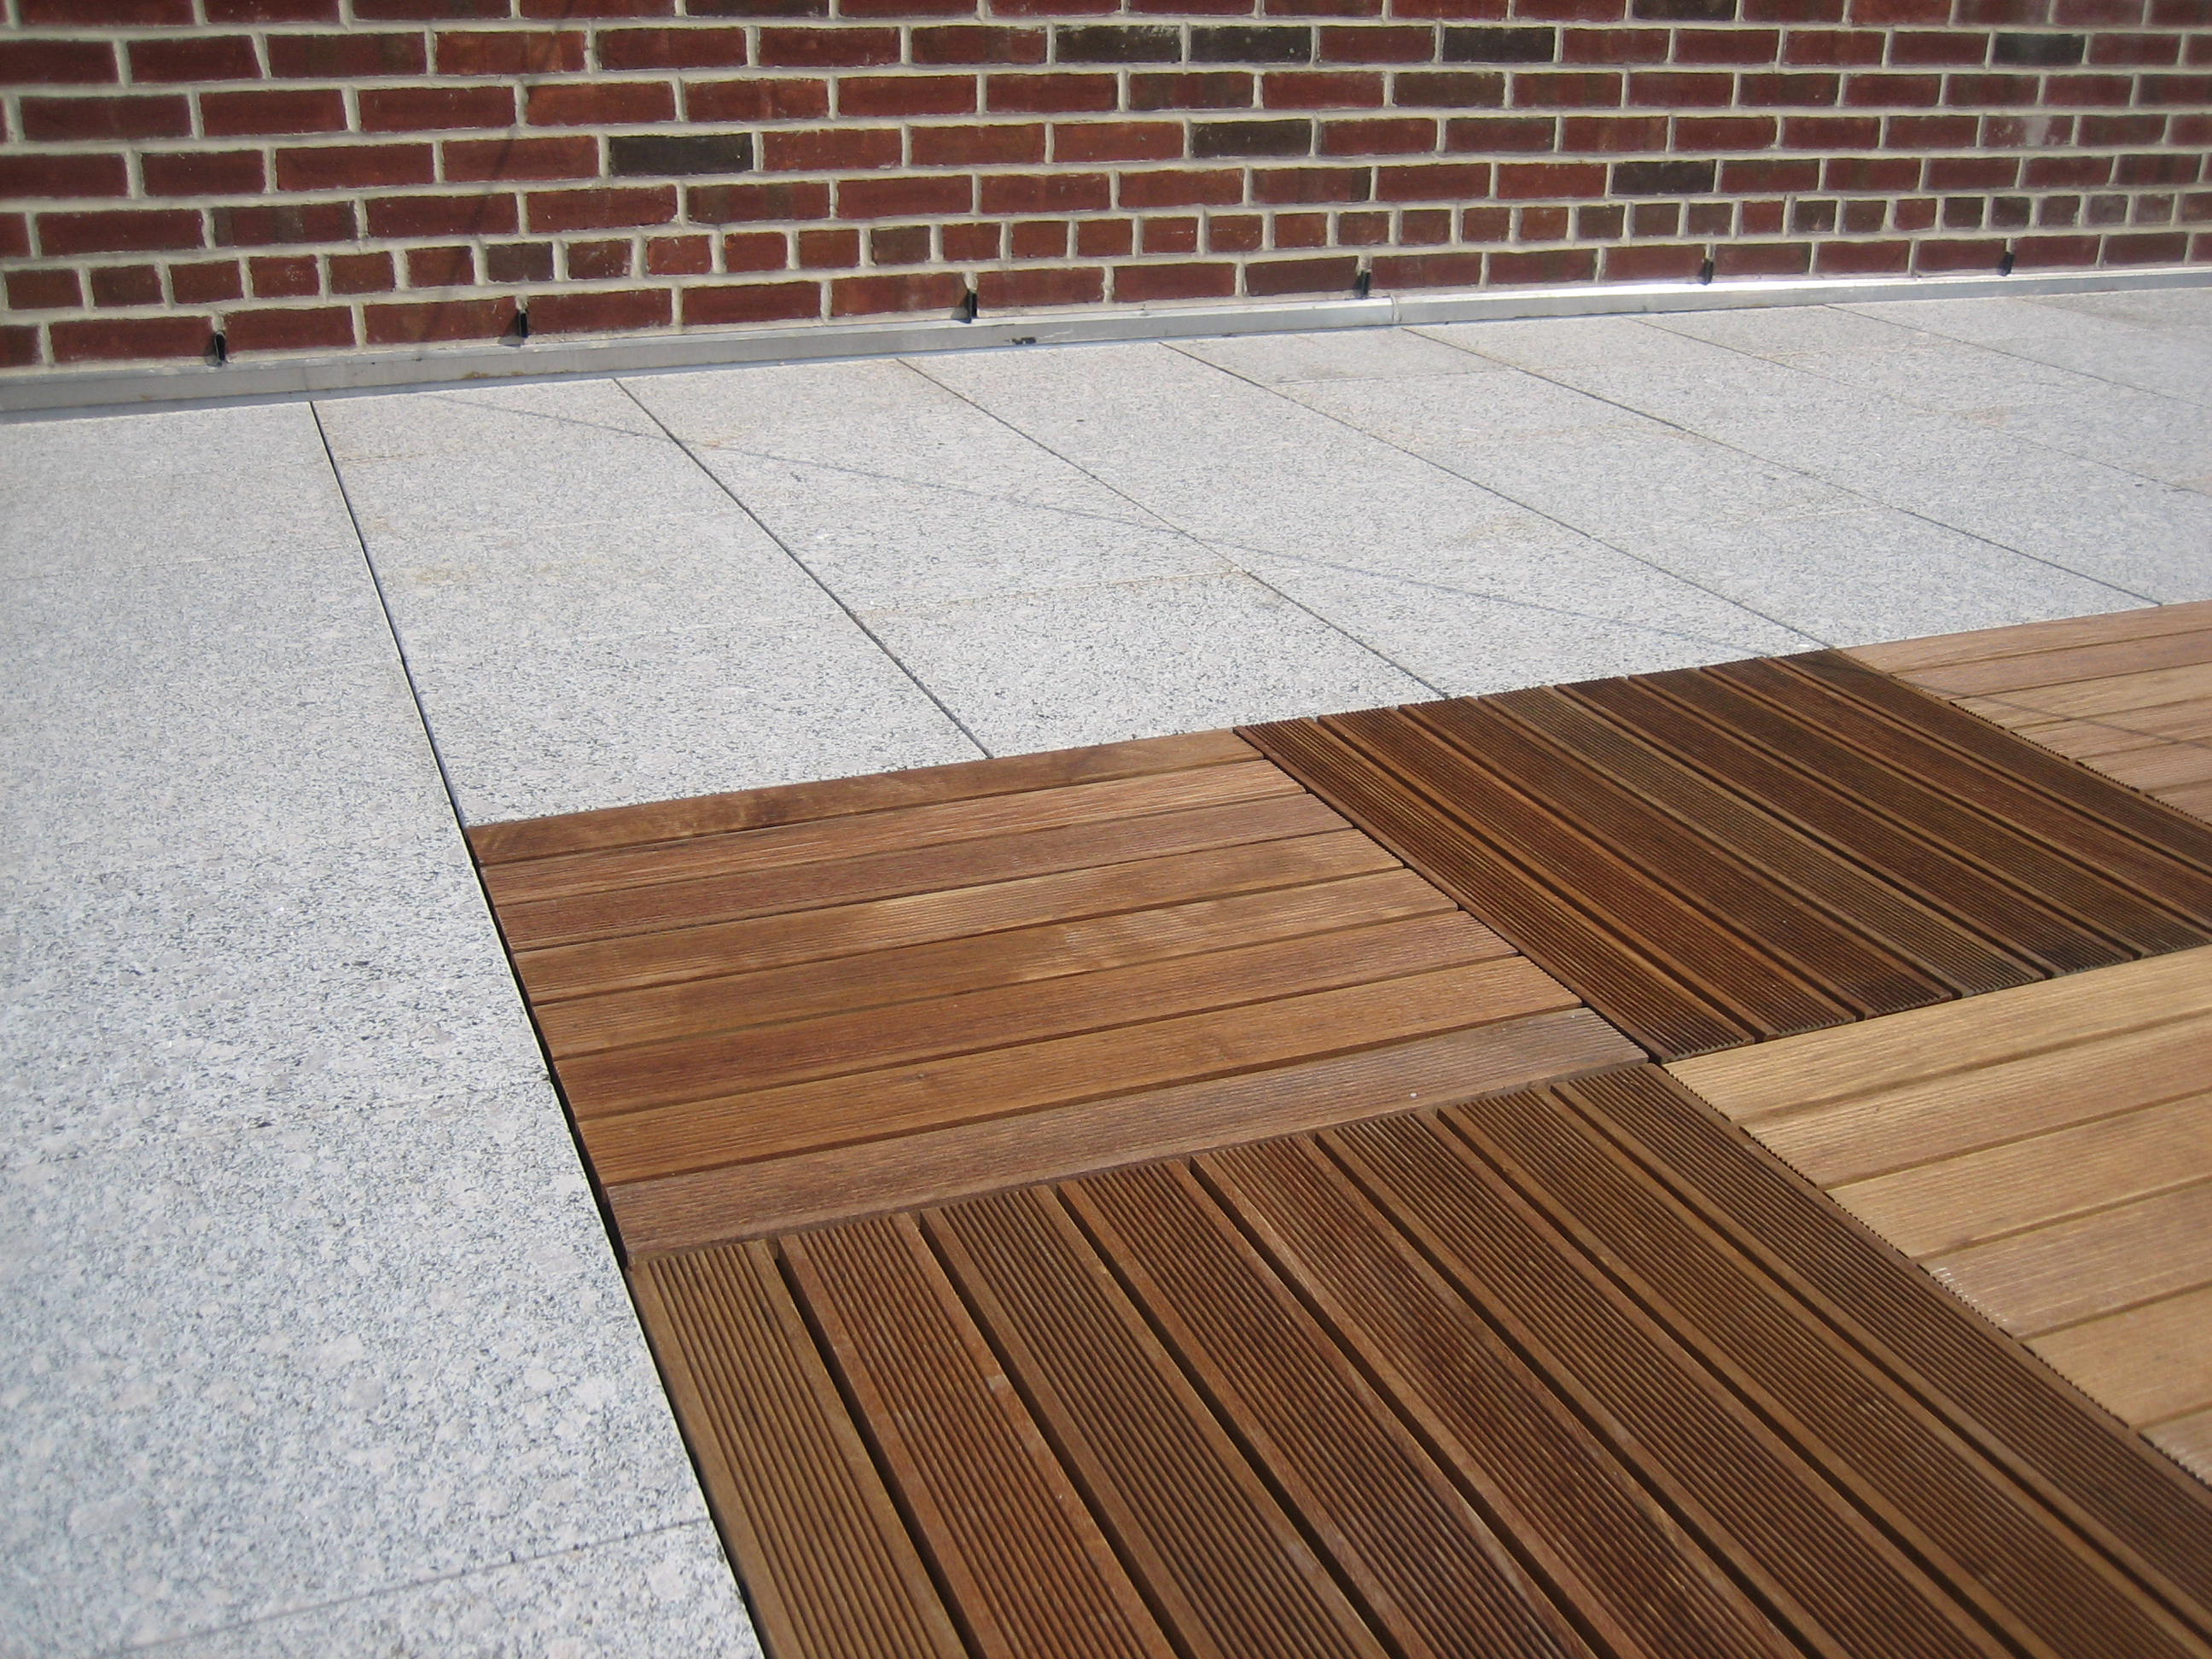 Roofing Pavers Amp Each 2u0027x2u0027 Paver Is Set On